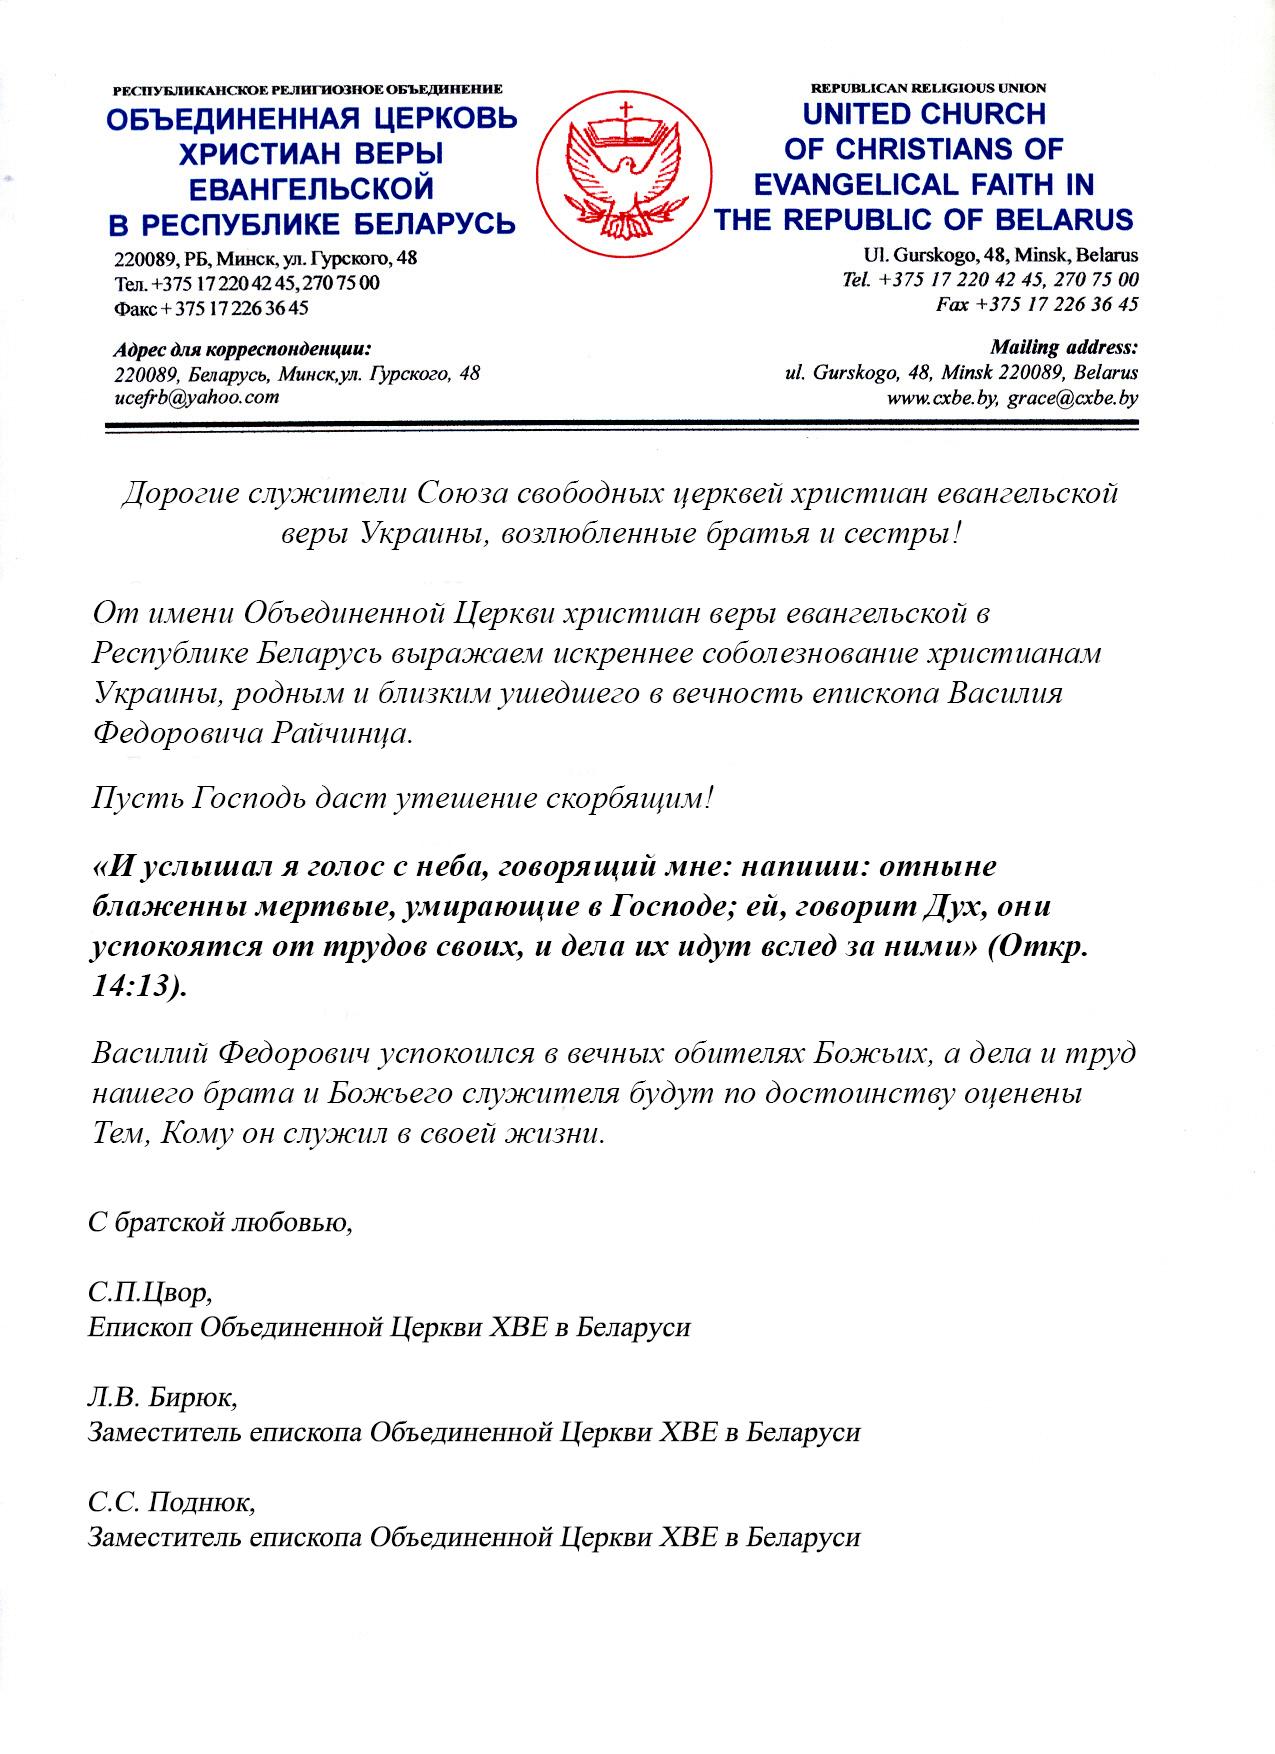 Церква ХЄВ Білорусь